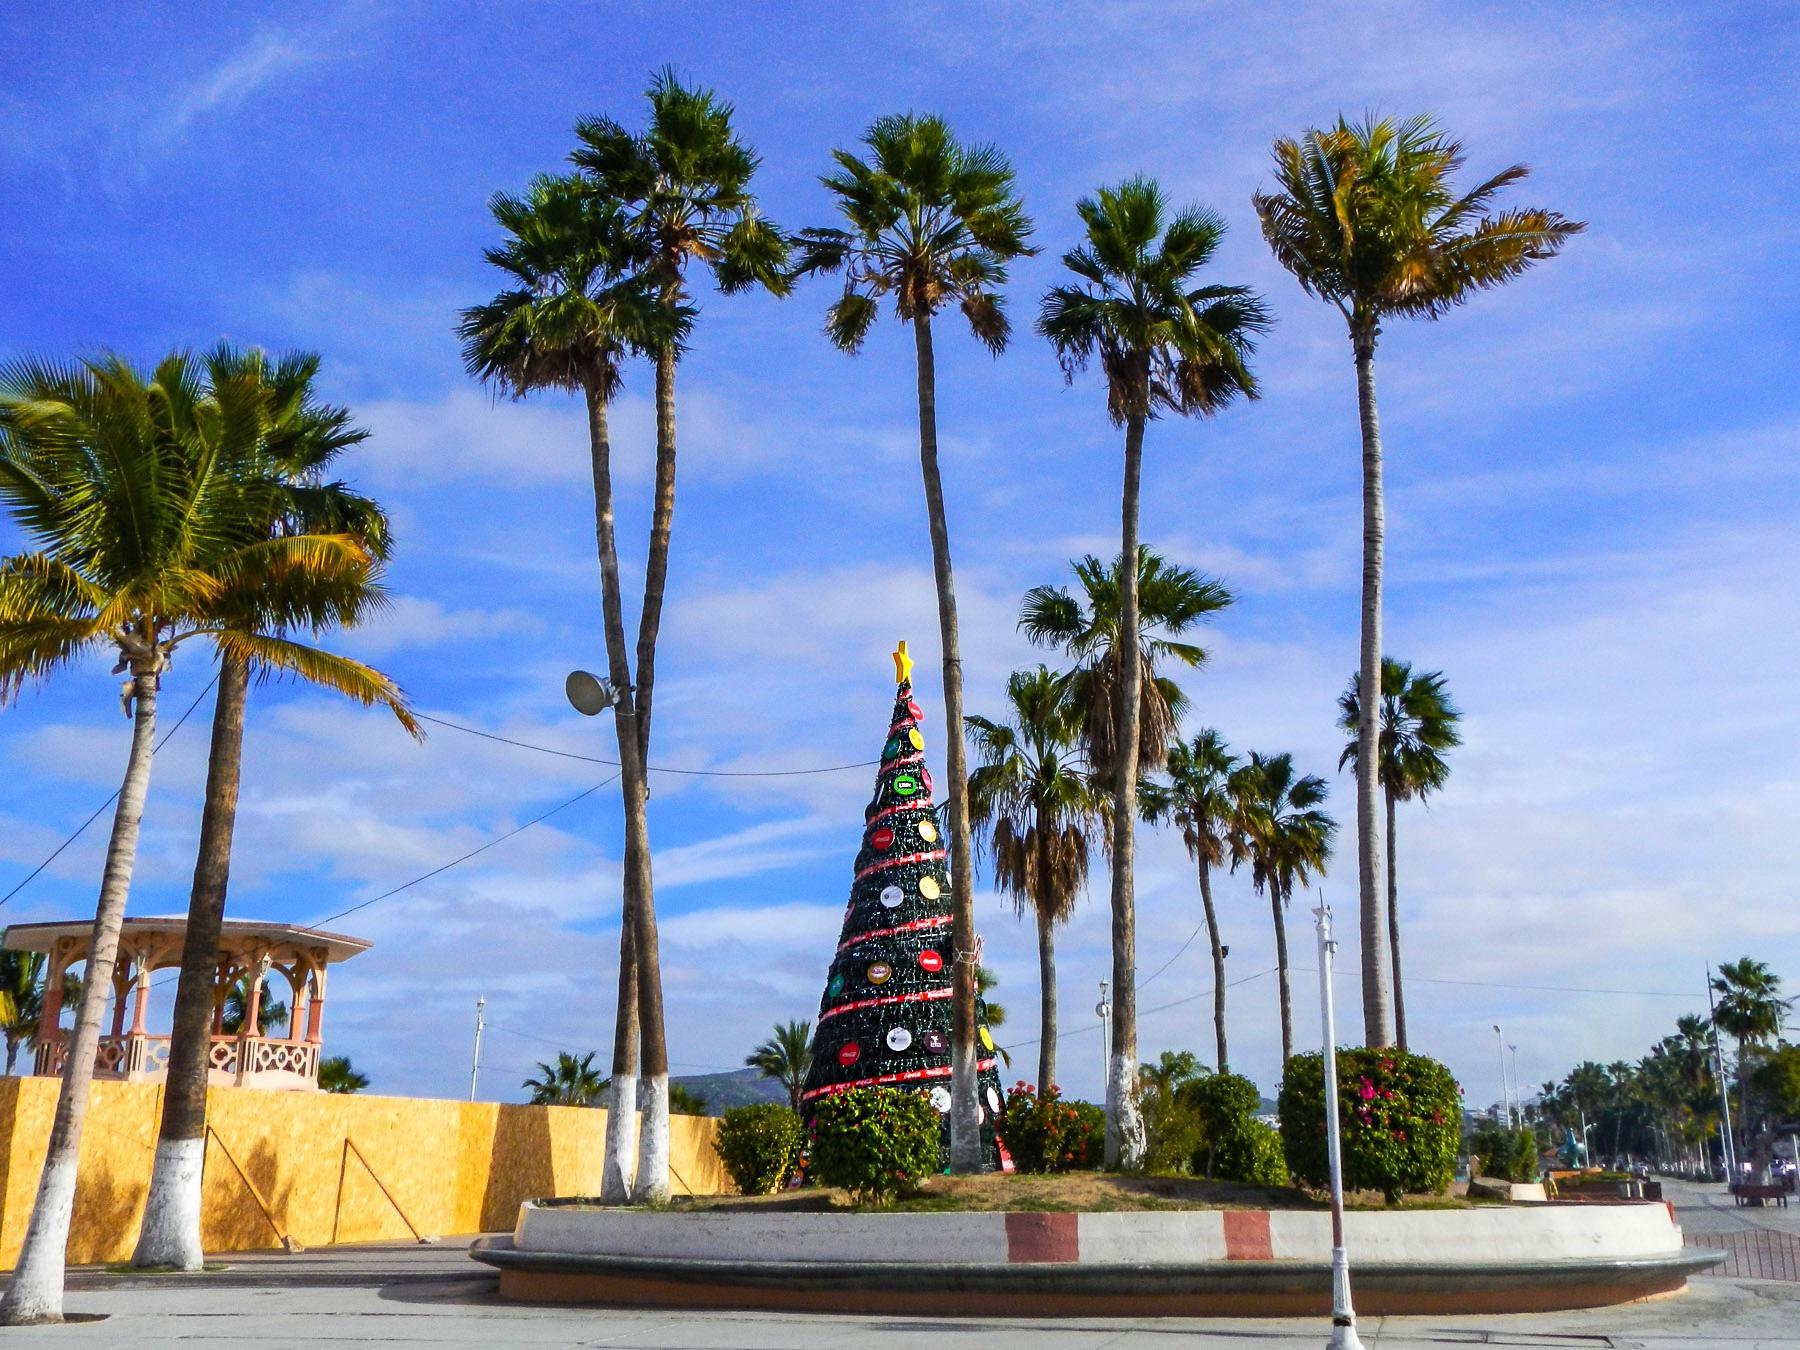 Am von Coca Cola aufgestellten Weihnachtsbaum in La Paz scheiden sich die Geister